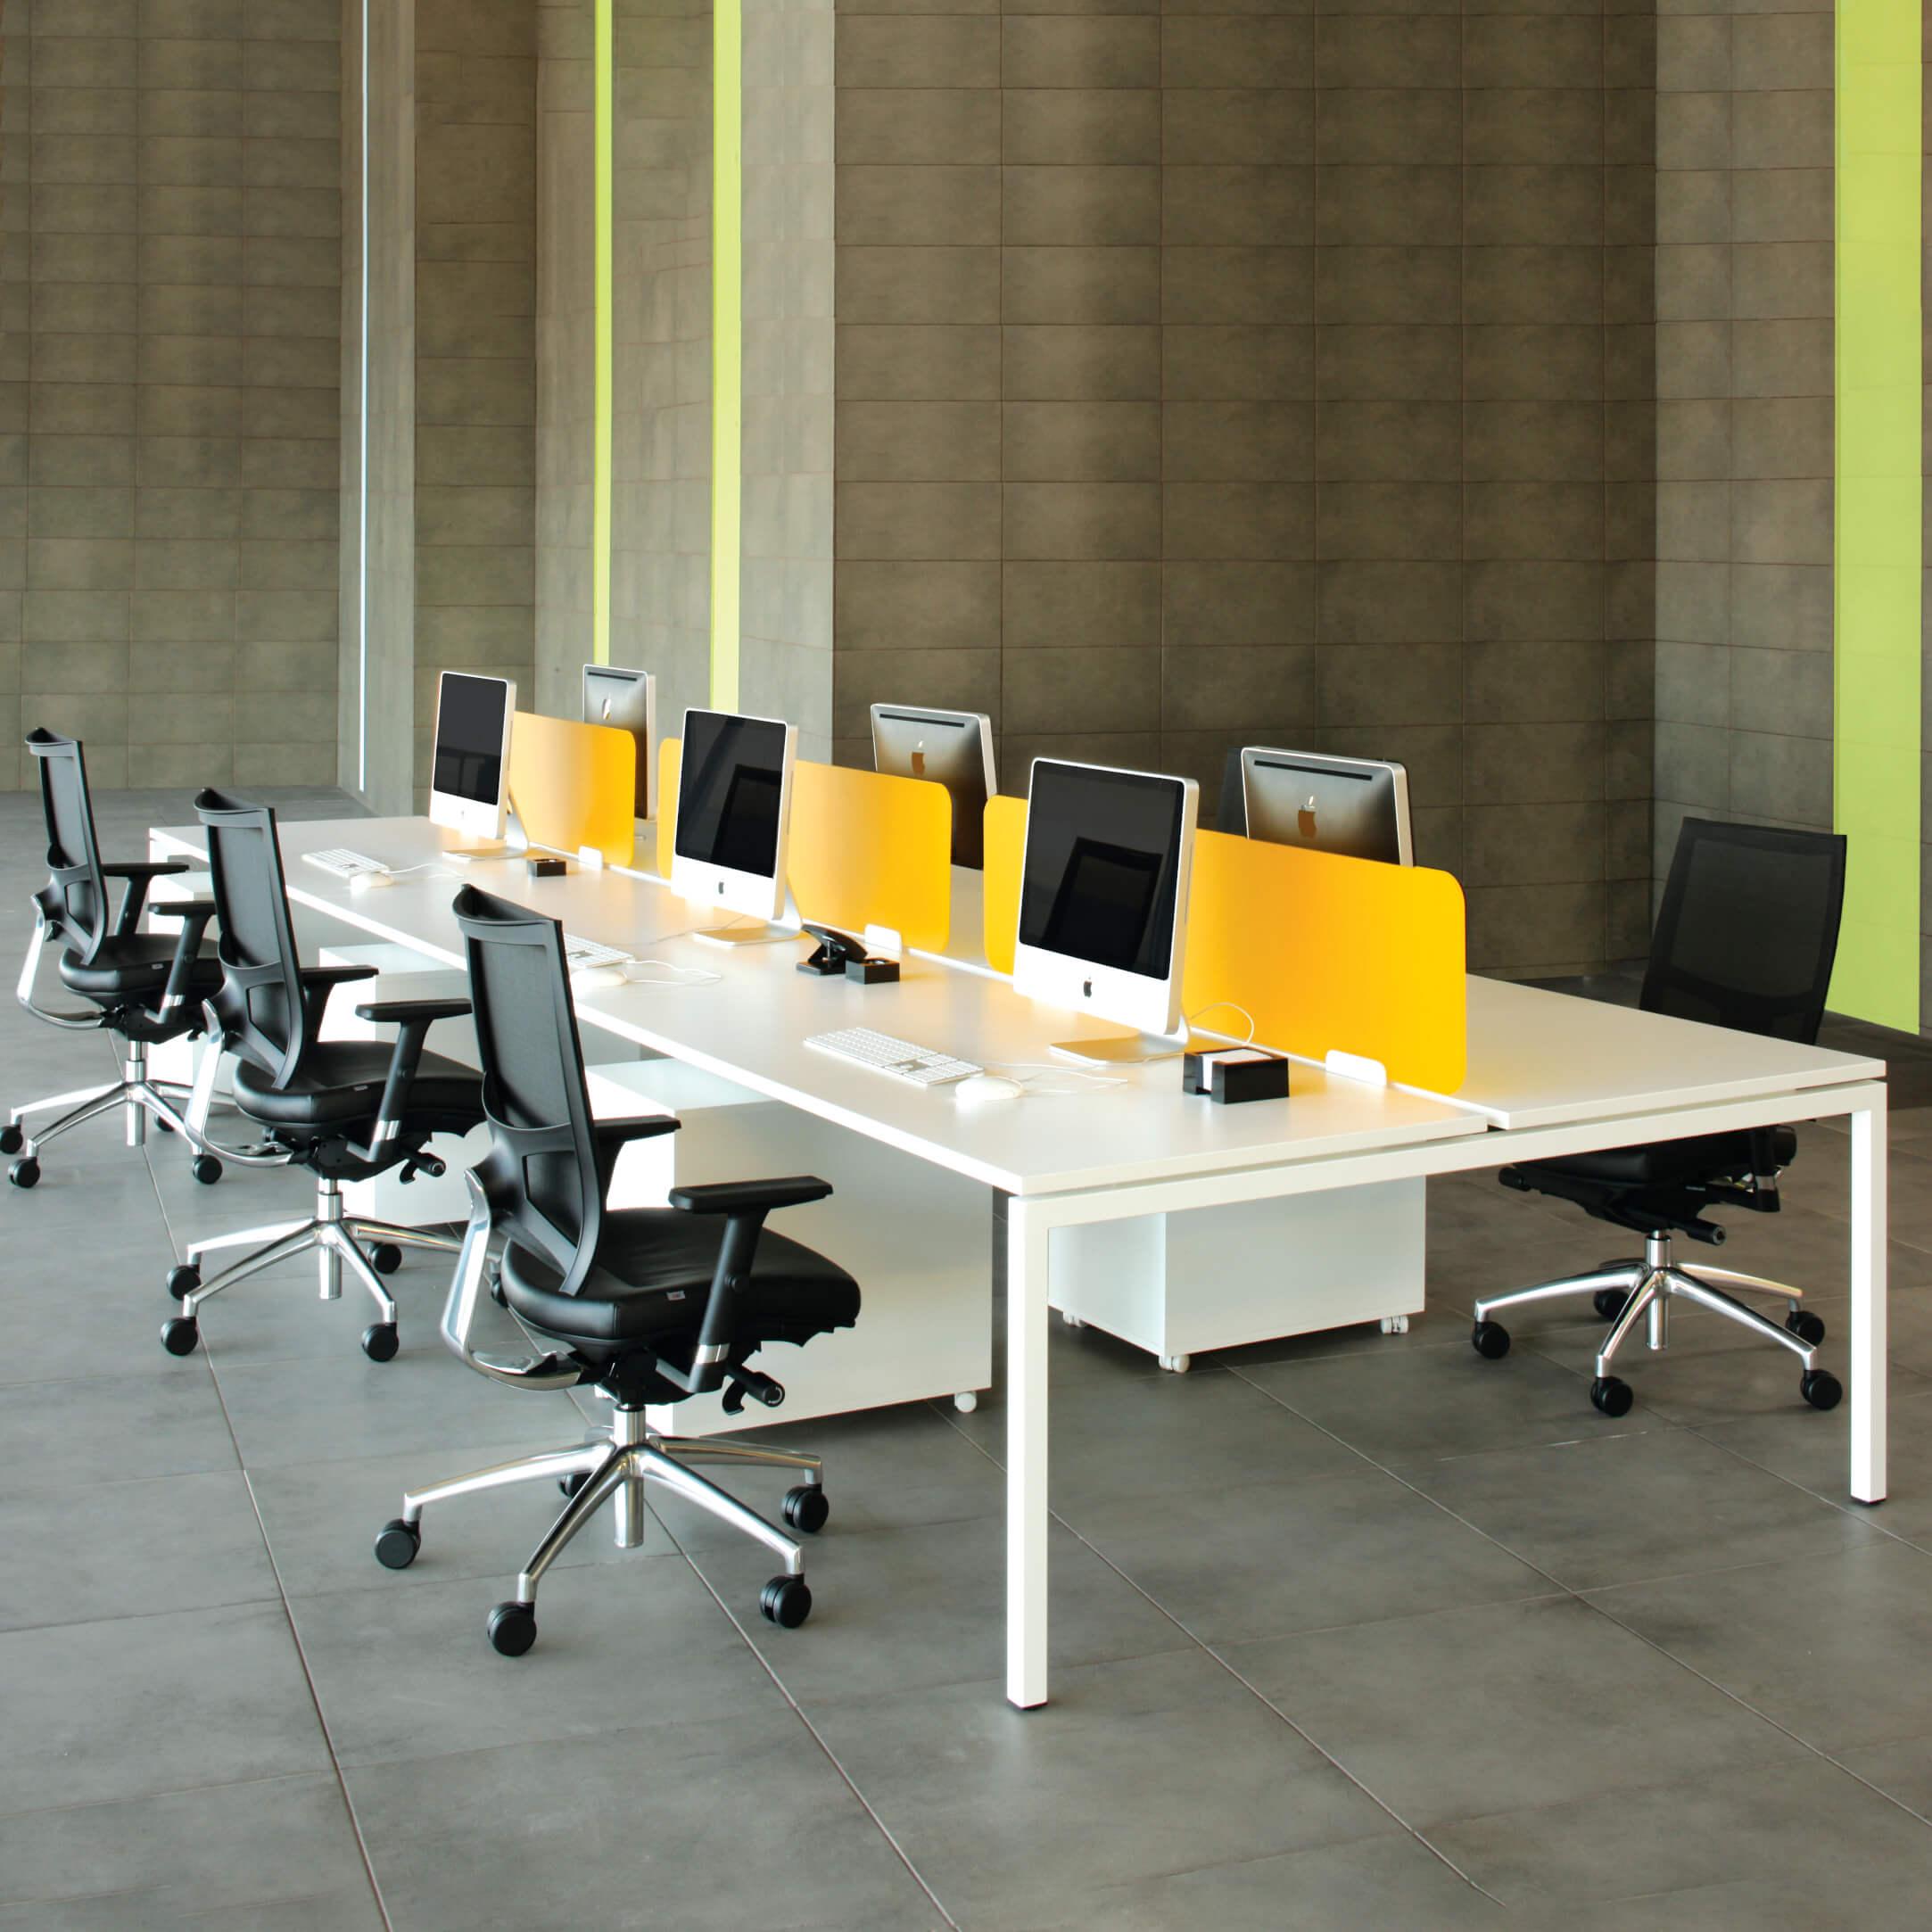 NOVA 4er Gruppenarbeitsplatz Weiß Bench Schreibtisch Doppel-Arbeitsplatz